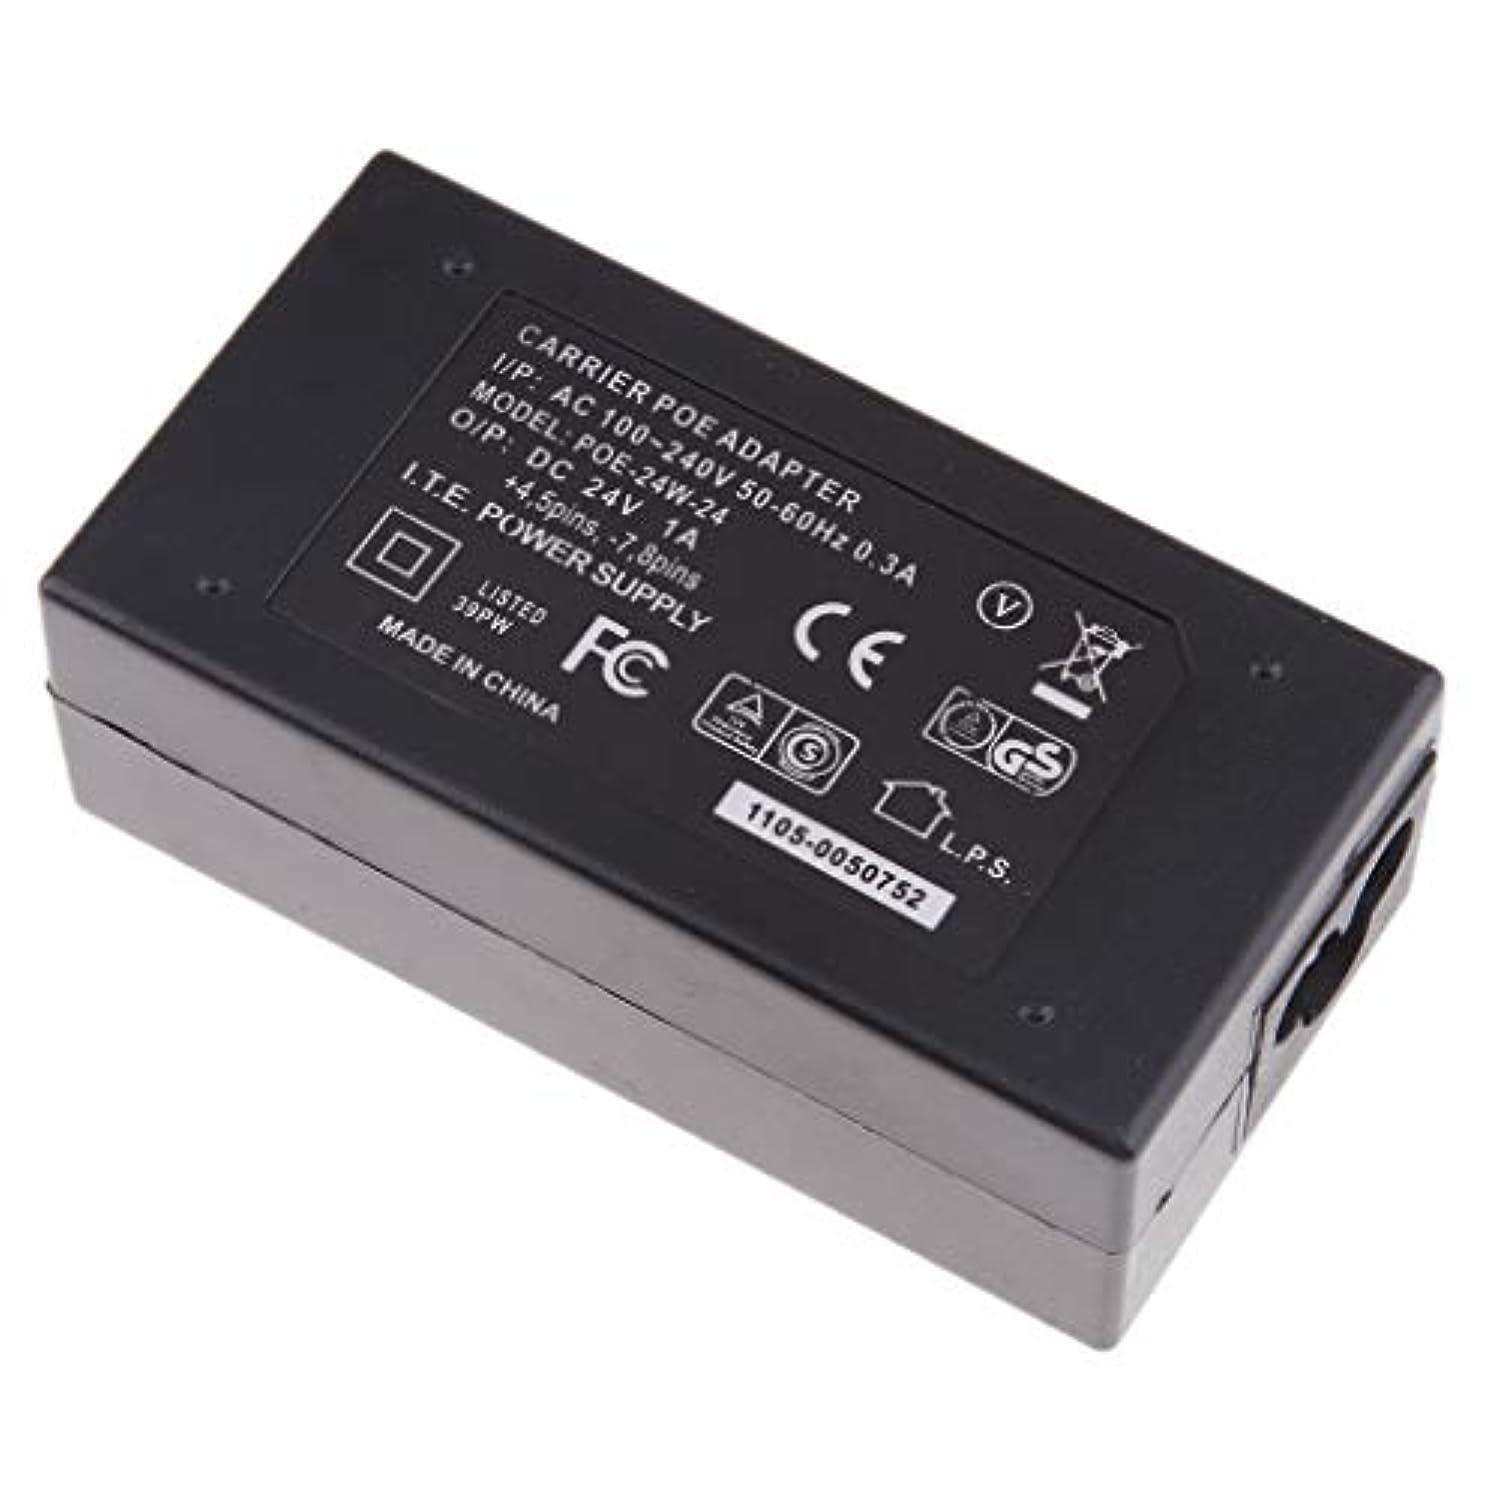 動かない収束シンプルさBaoblaze デスクトップ POE電源モジュール インジェクタスイッチ イーサネット/カメラ/電話用 アダプタ ブラック